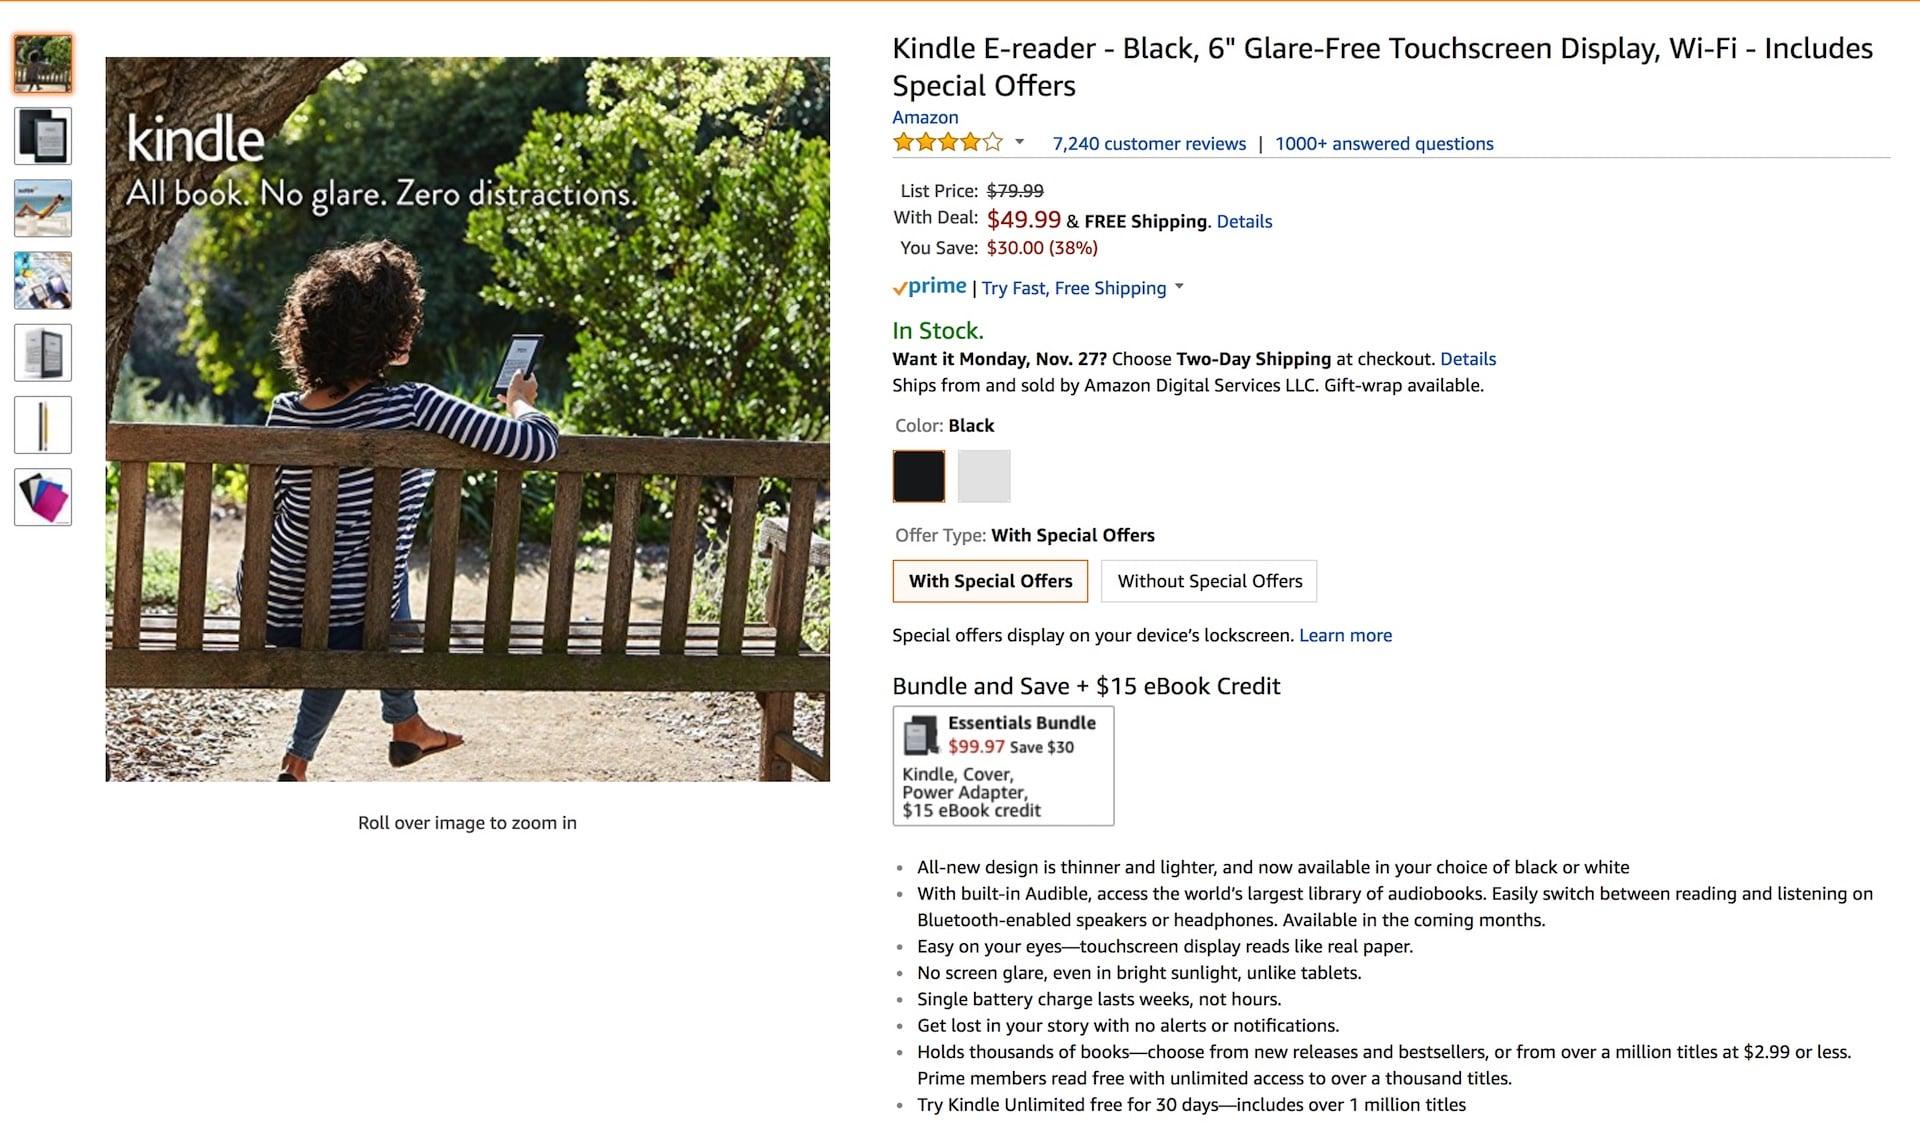 Amazon Kindle Black Friday Promotion